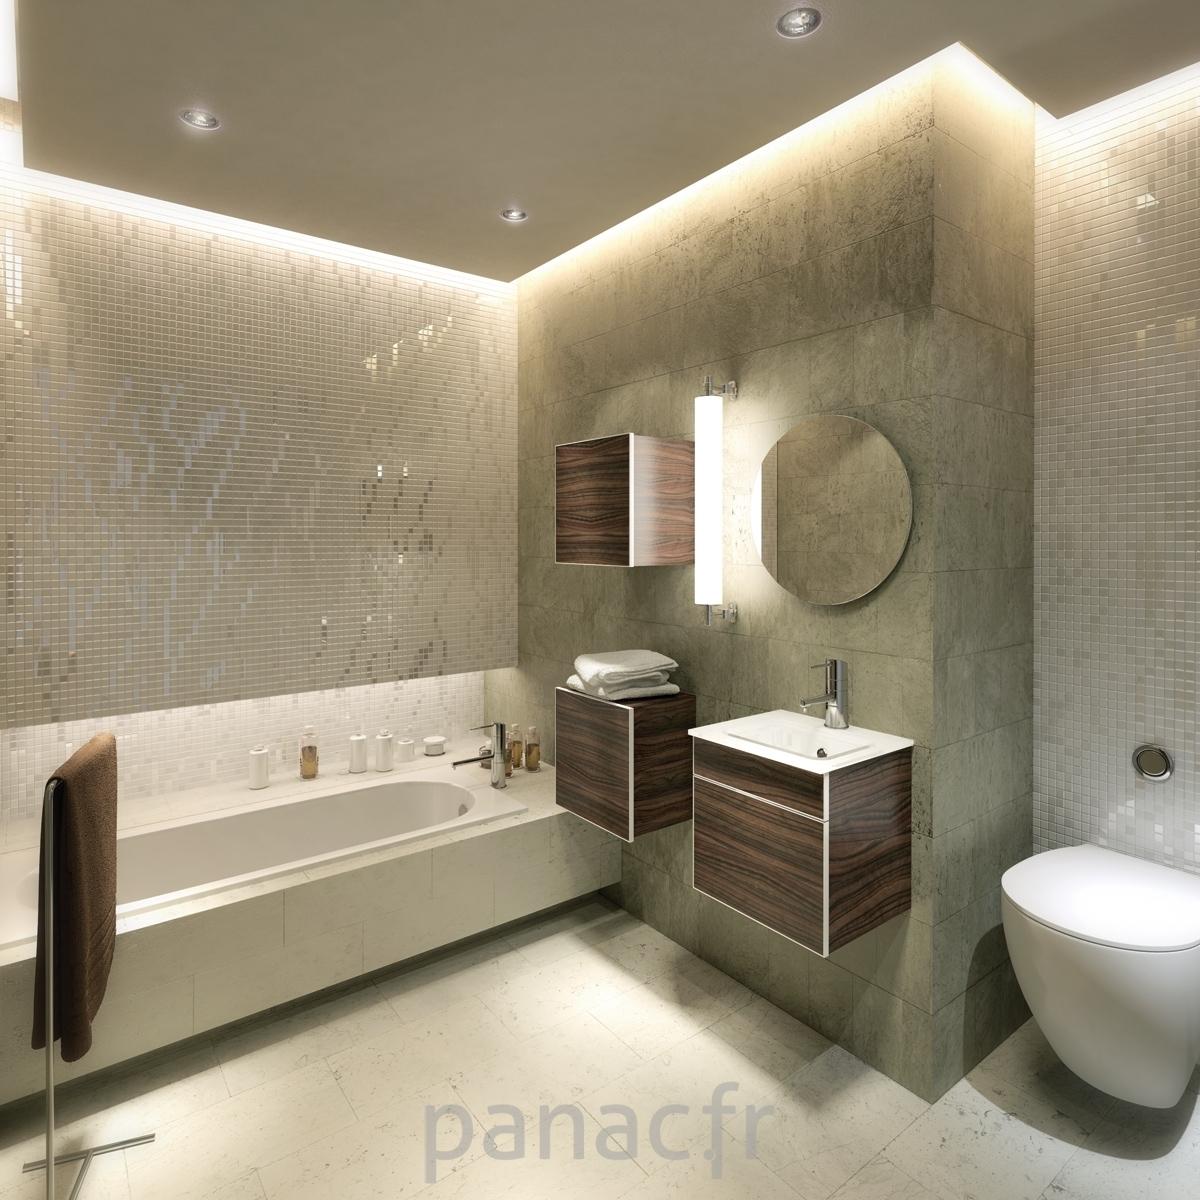 Salle de bain moderne salle de bain design - Salle de bain design moderne ...